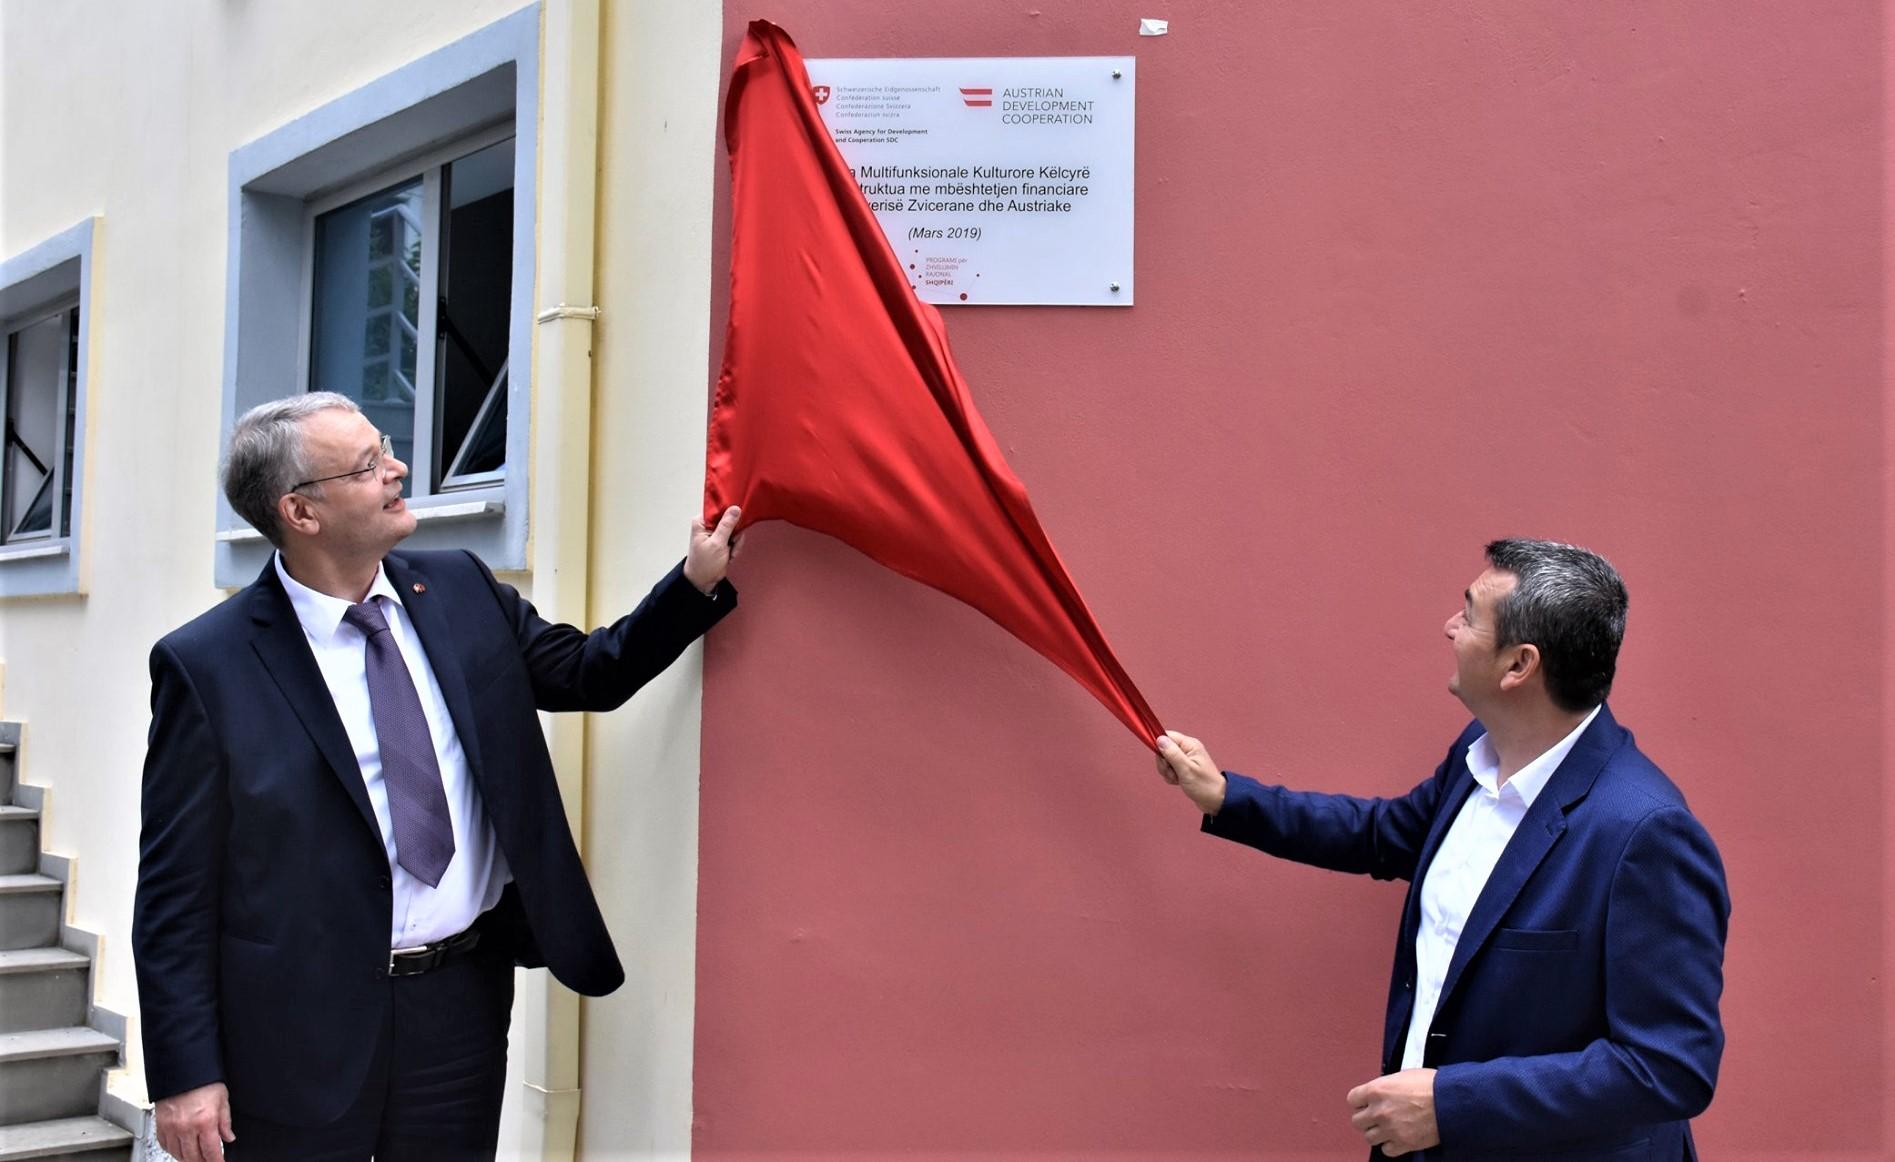 Shqipëri  Përurohen objektet e financuara nga Zvicra dhe Austria